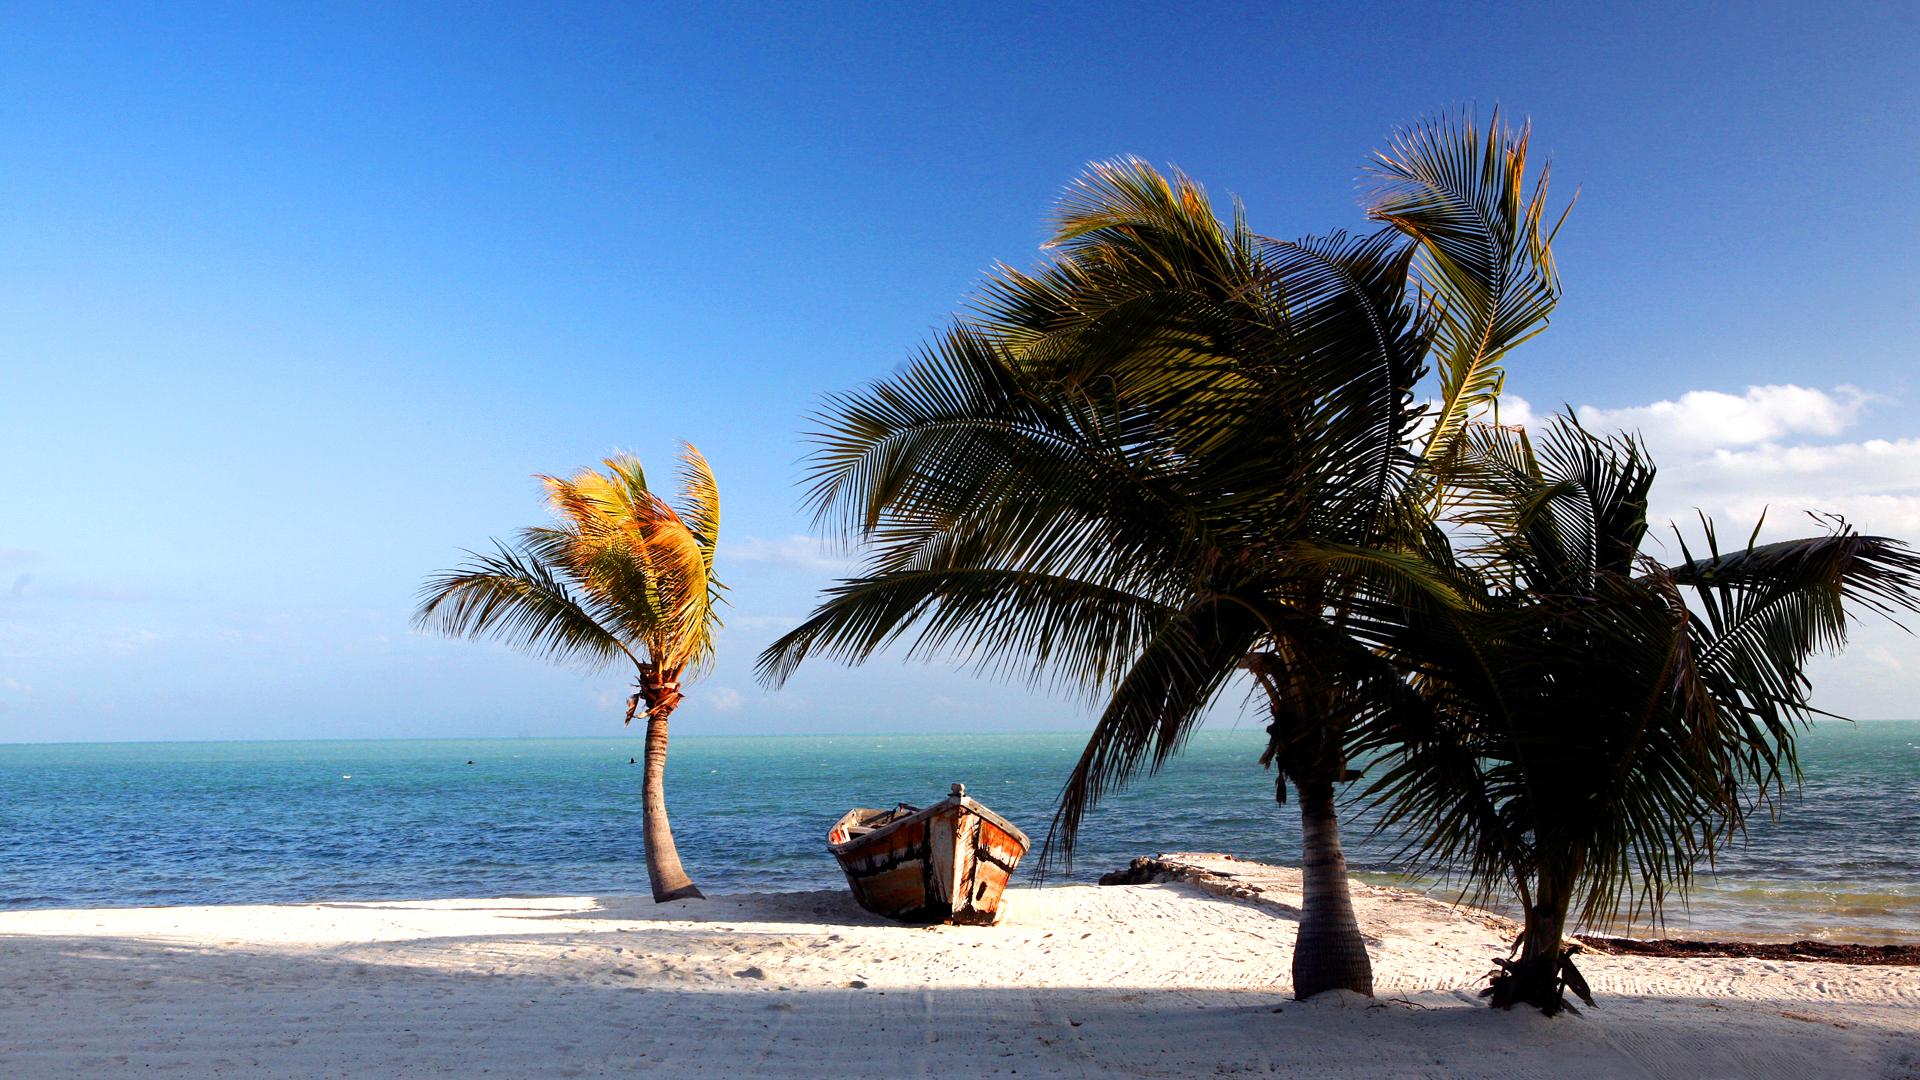 Florida Keys Beach   1920x1080   169 1920x1080